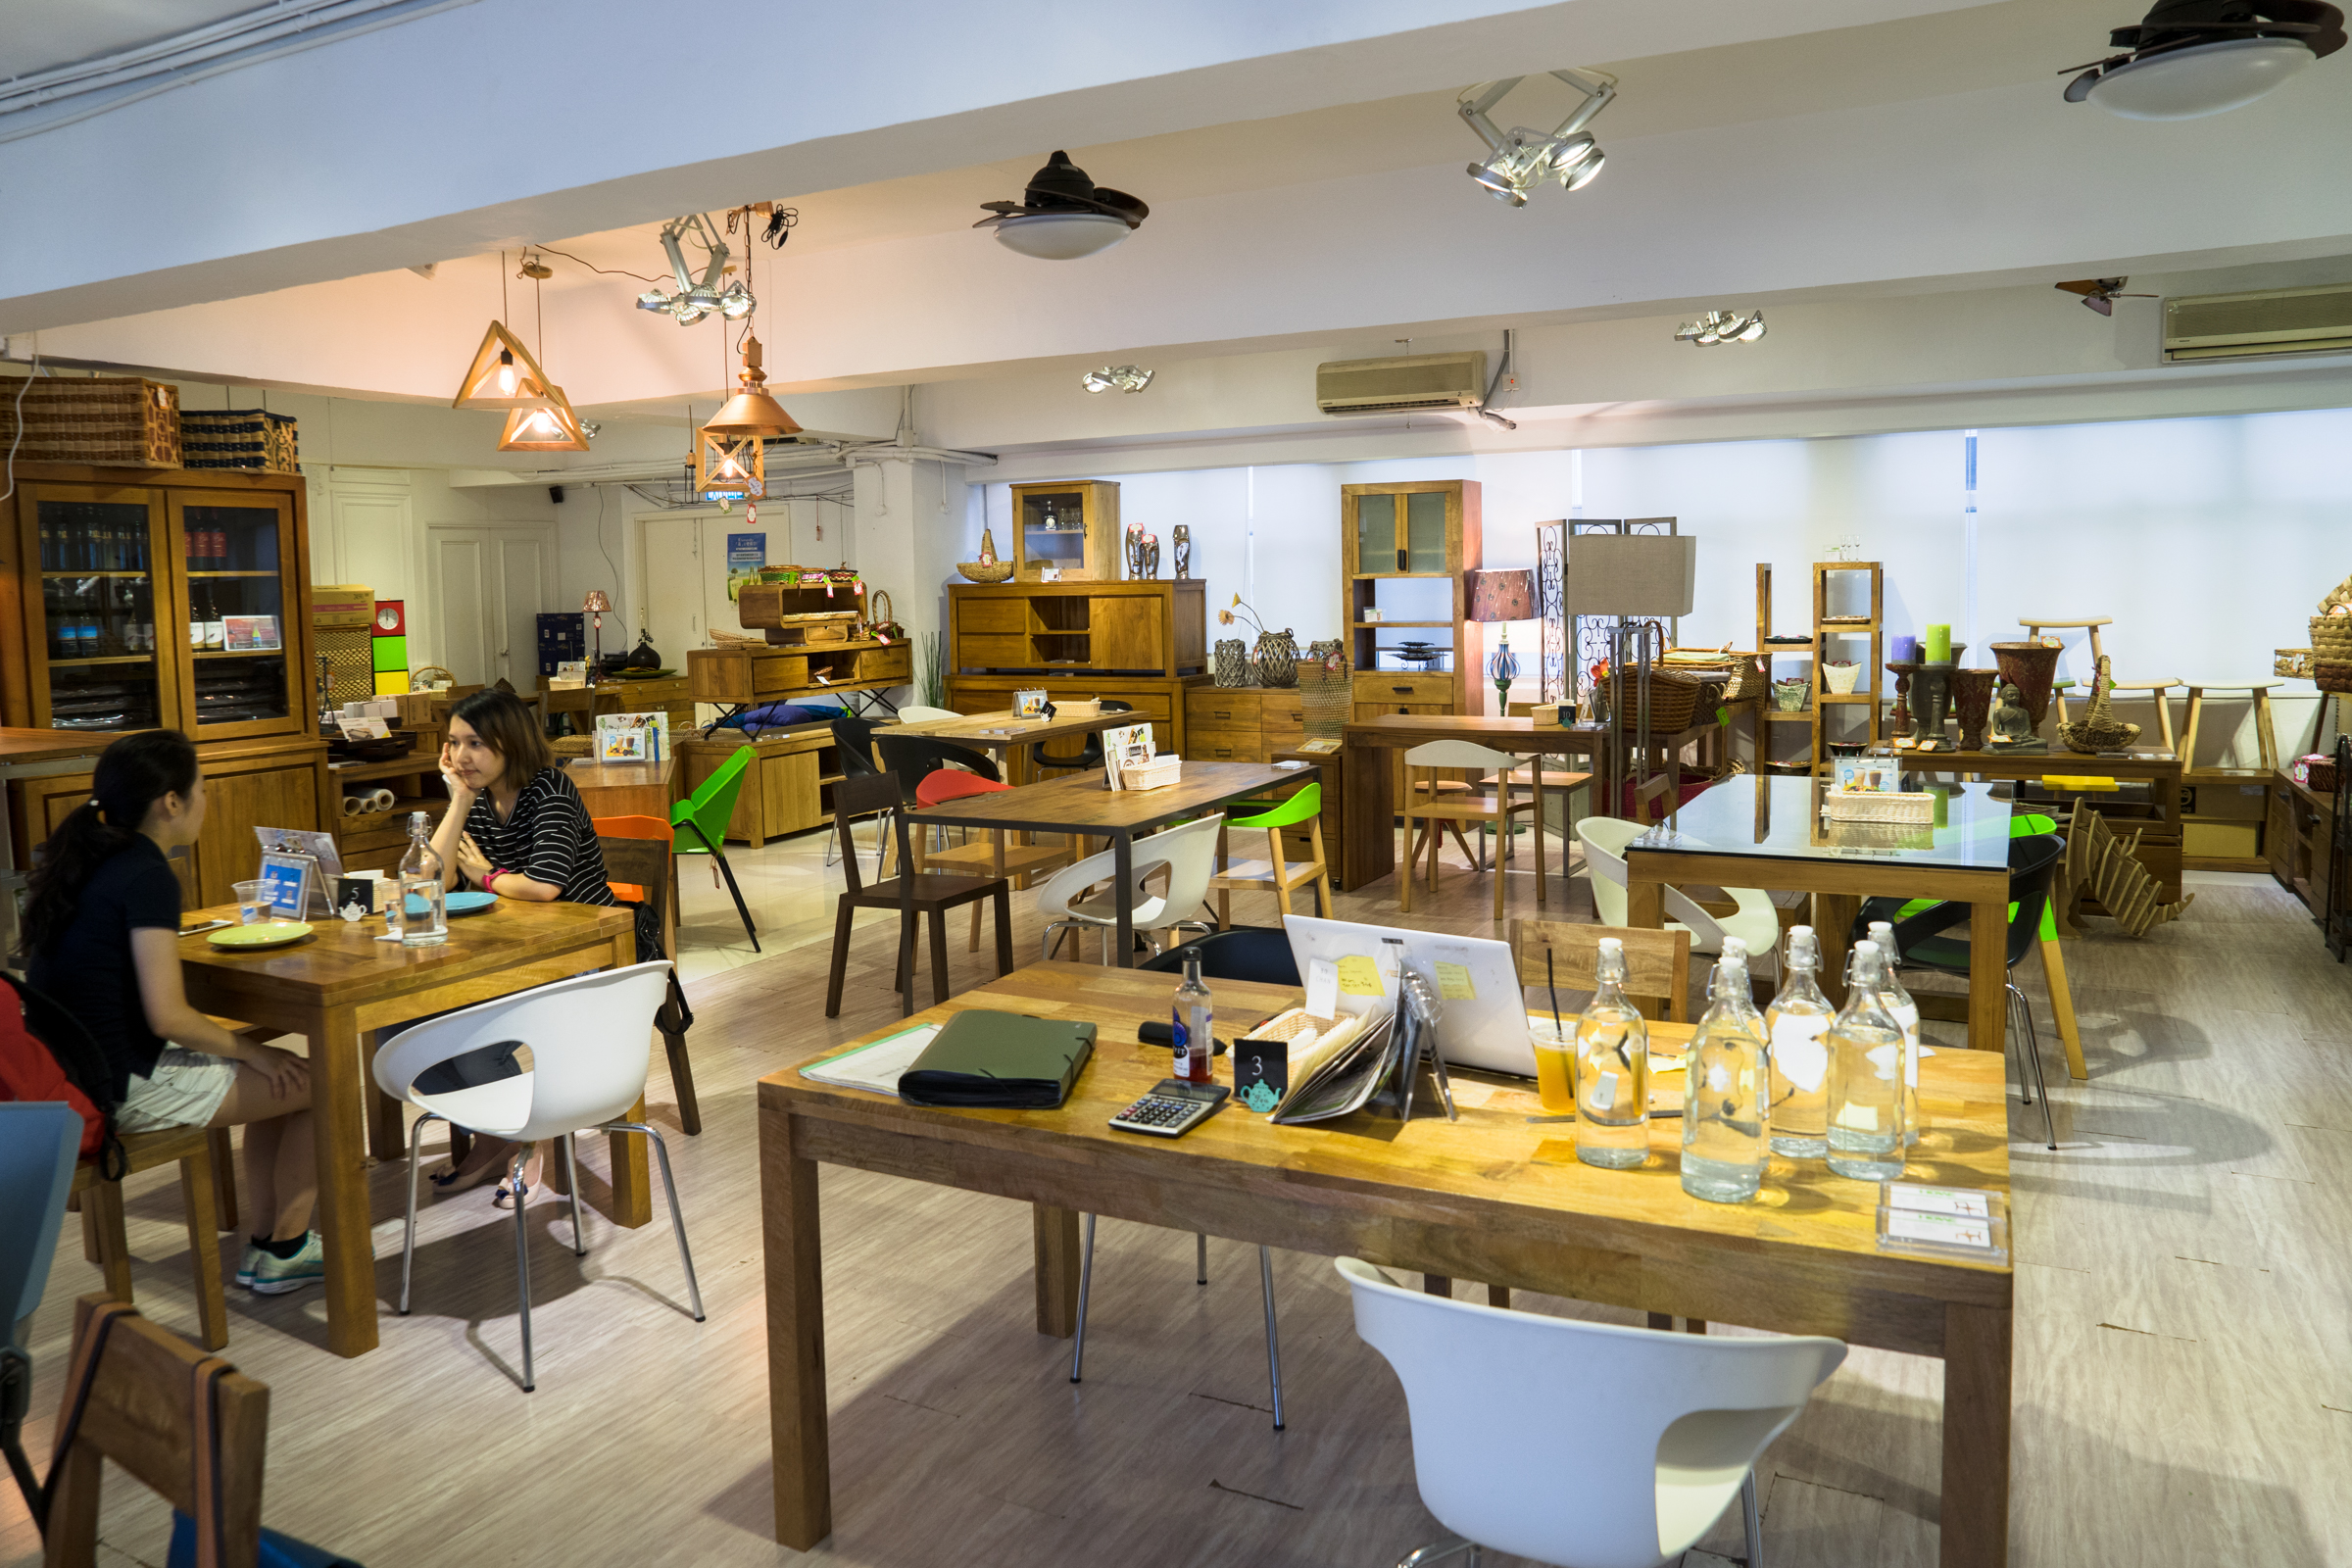 【觀塘】HOWE CAFE・工廈傢具店中嘆咖啡! | 跟著小鼠去旅行 – U Blog 博客